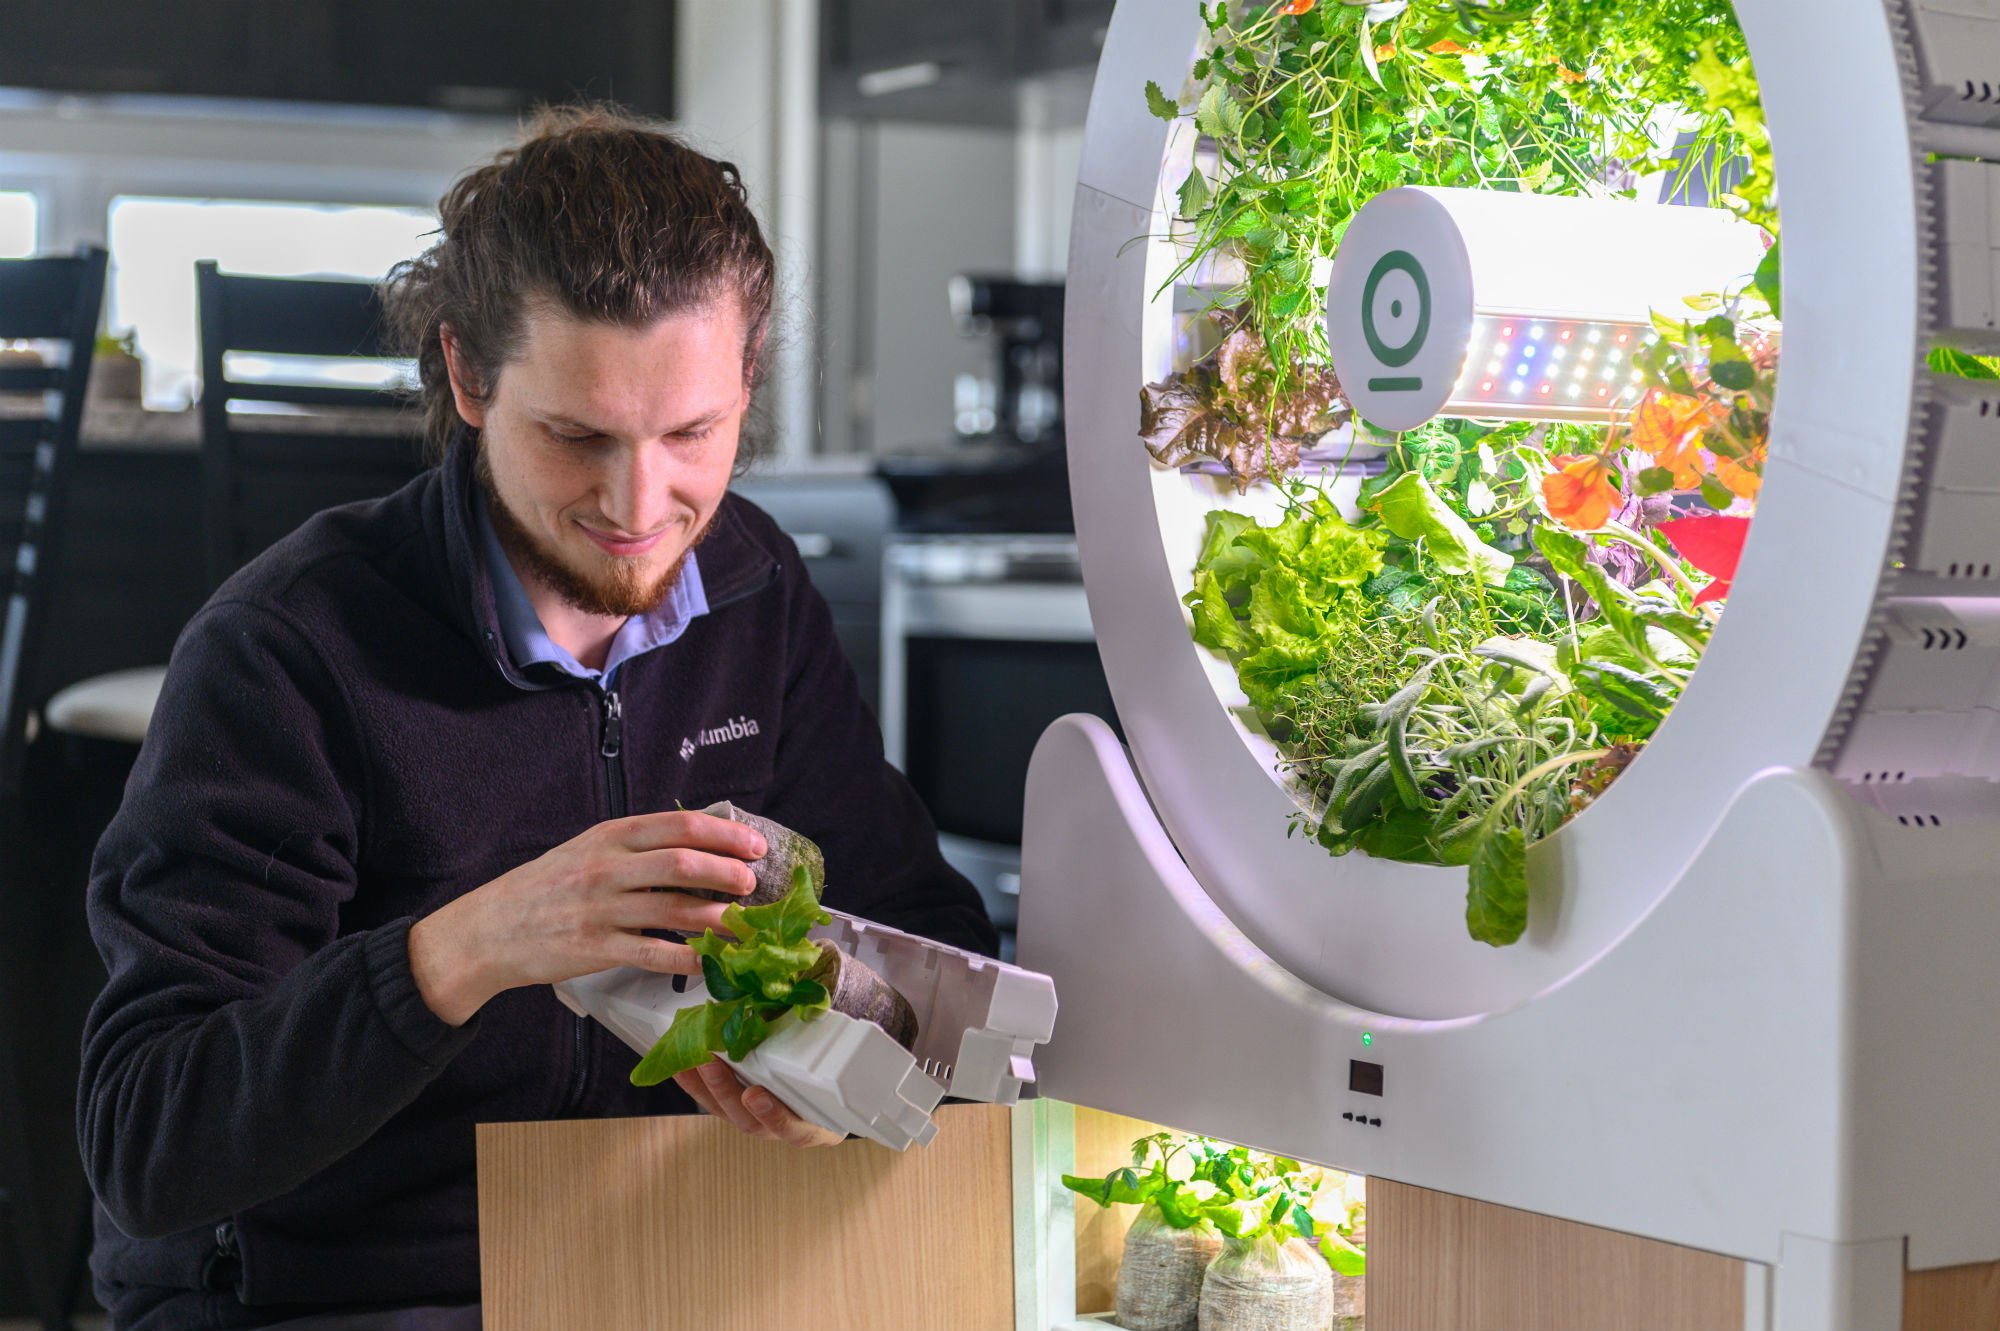 Coltivare In Casa Piante Aromatiche ogarden smart, frutta e verdura da coltivare in casa